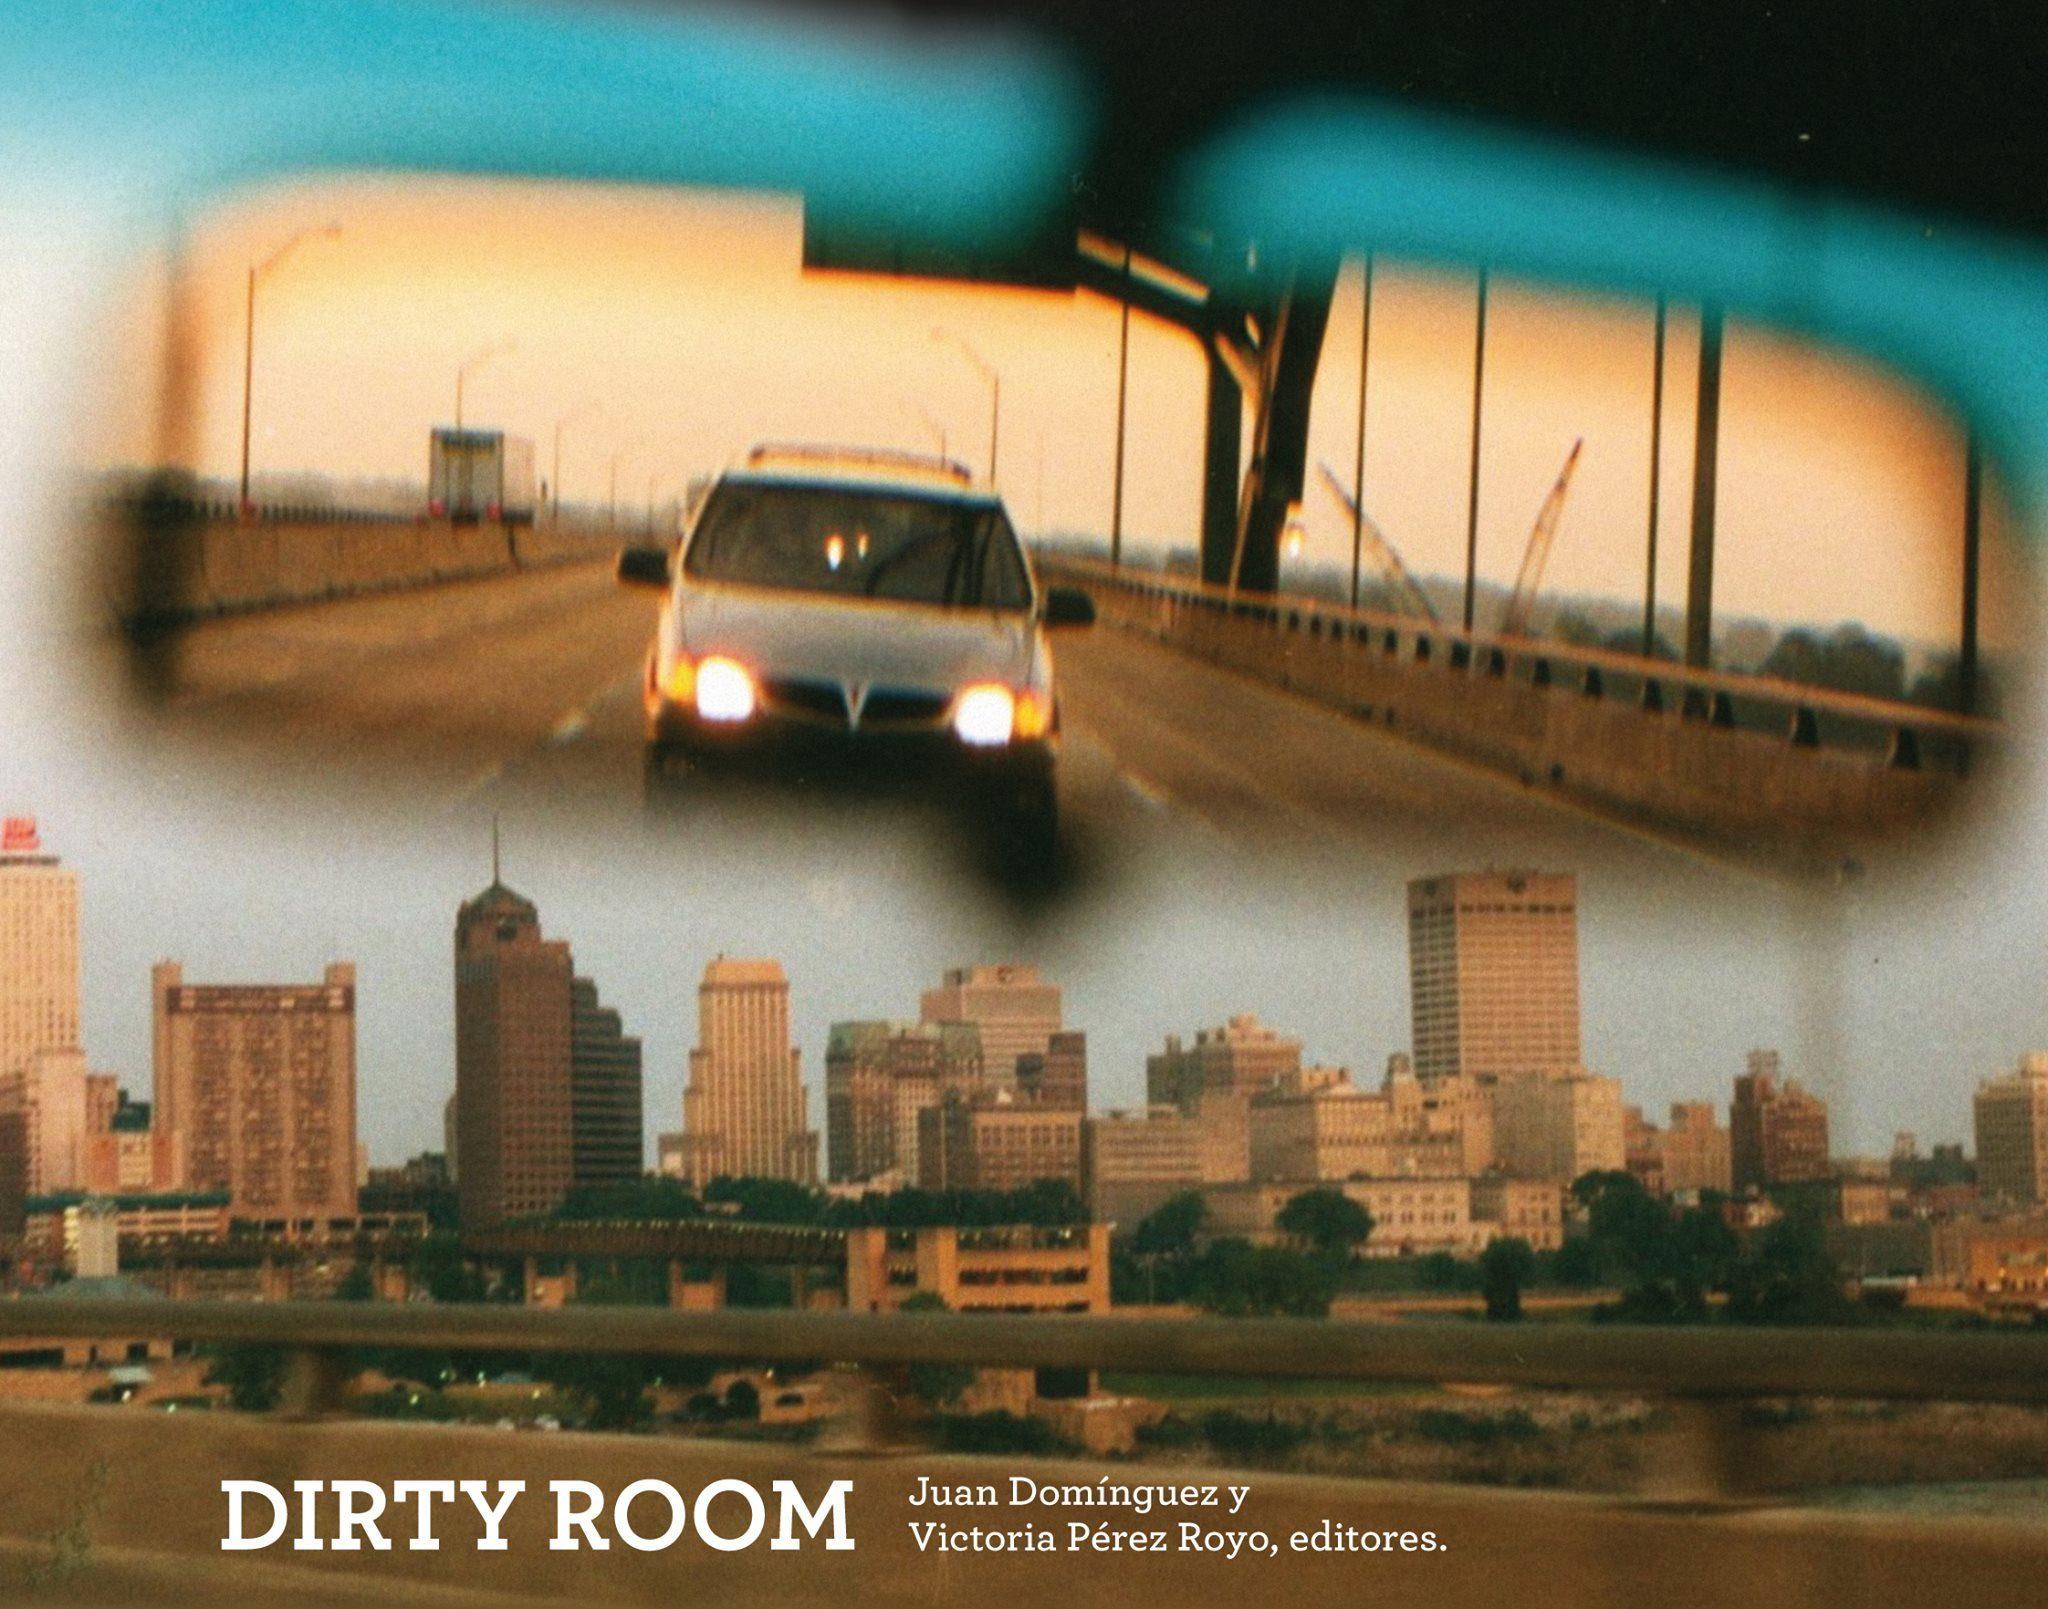 Dirty Room por Juan Dominguez;                                                                                                                                                                                                                                   Victo